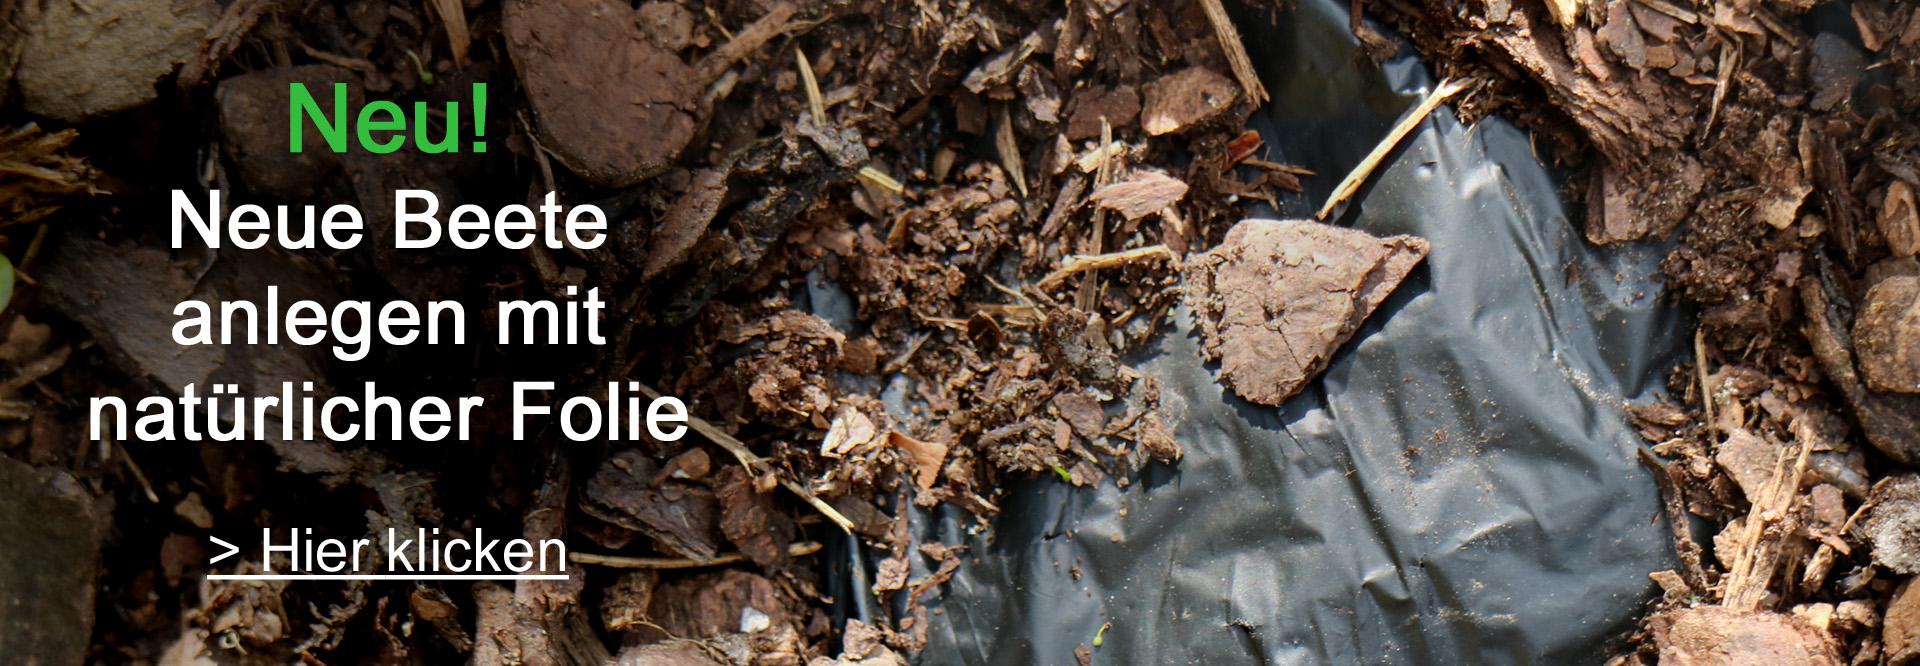 Natürliche Mulchfolie für Beete